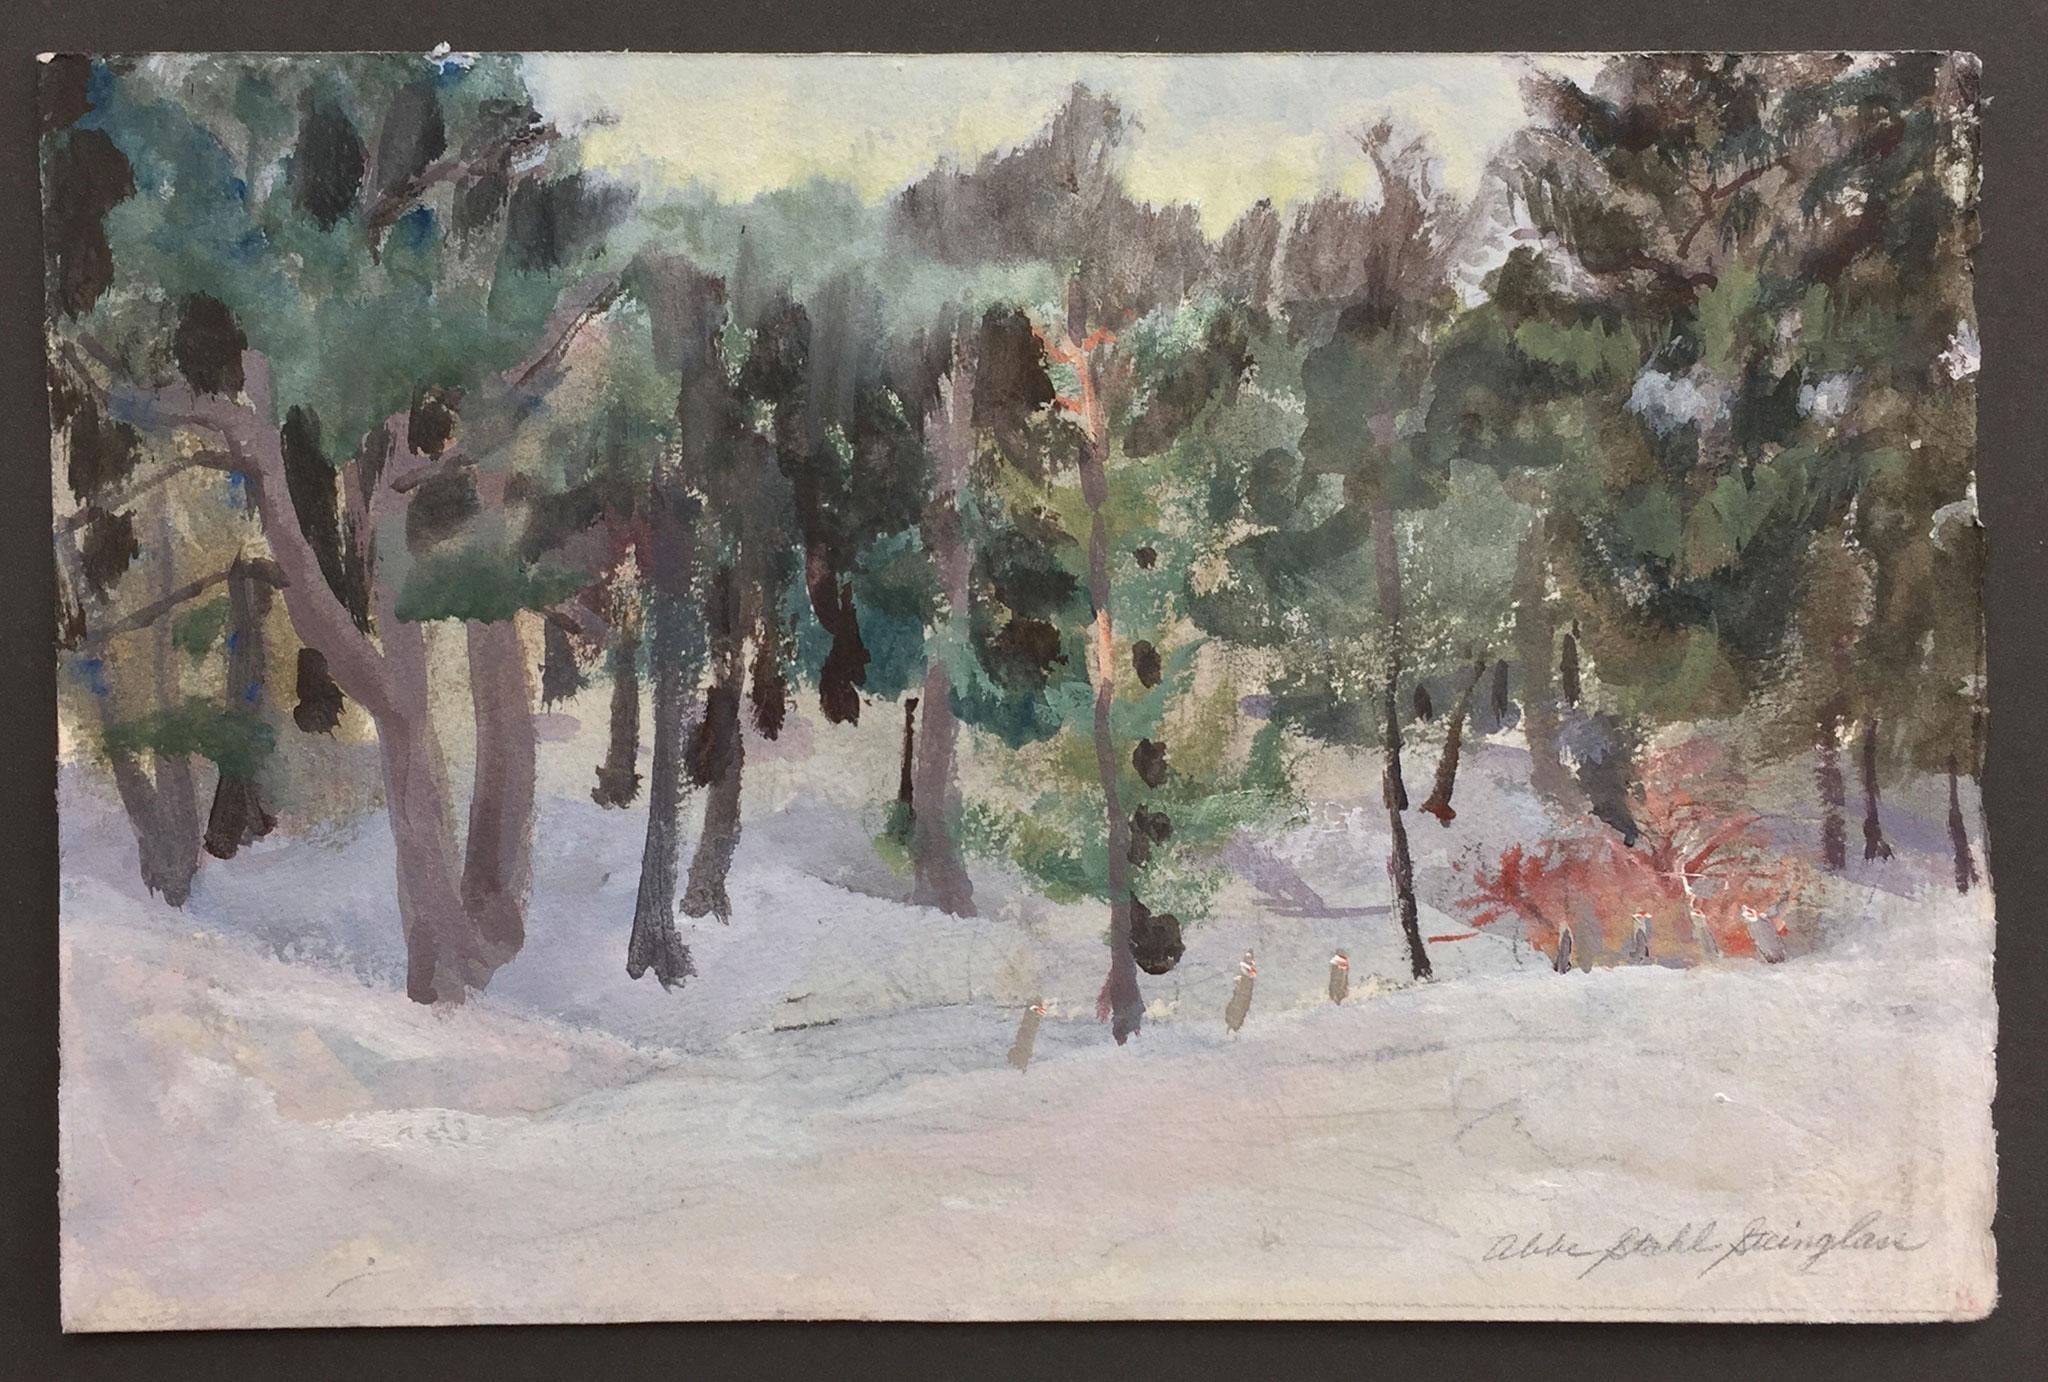 Snow, studio view